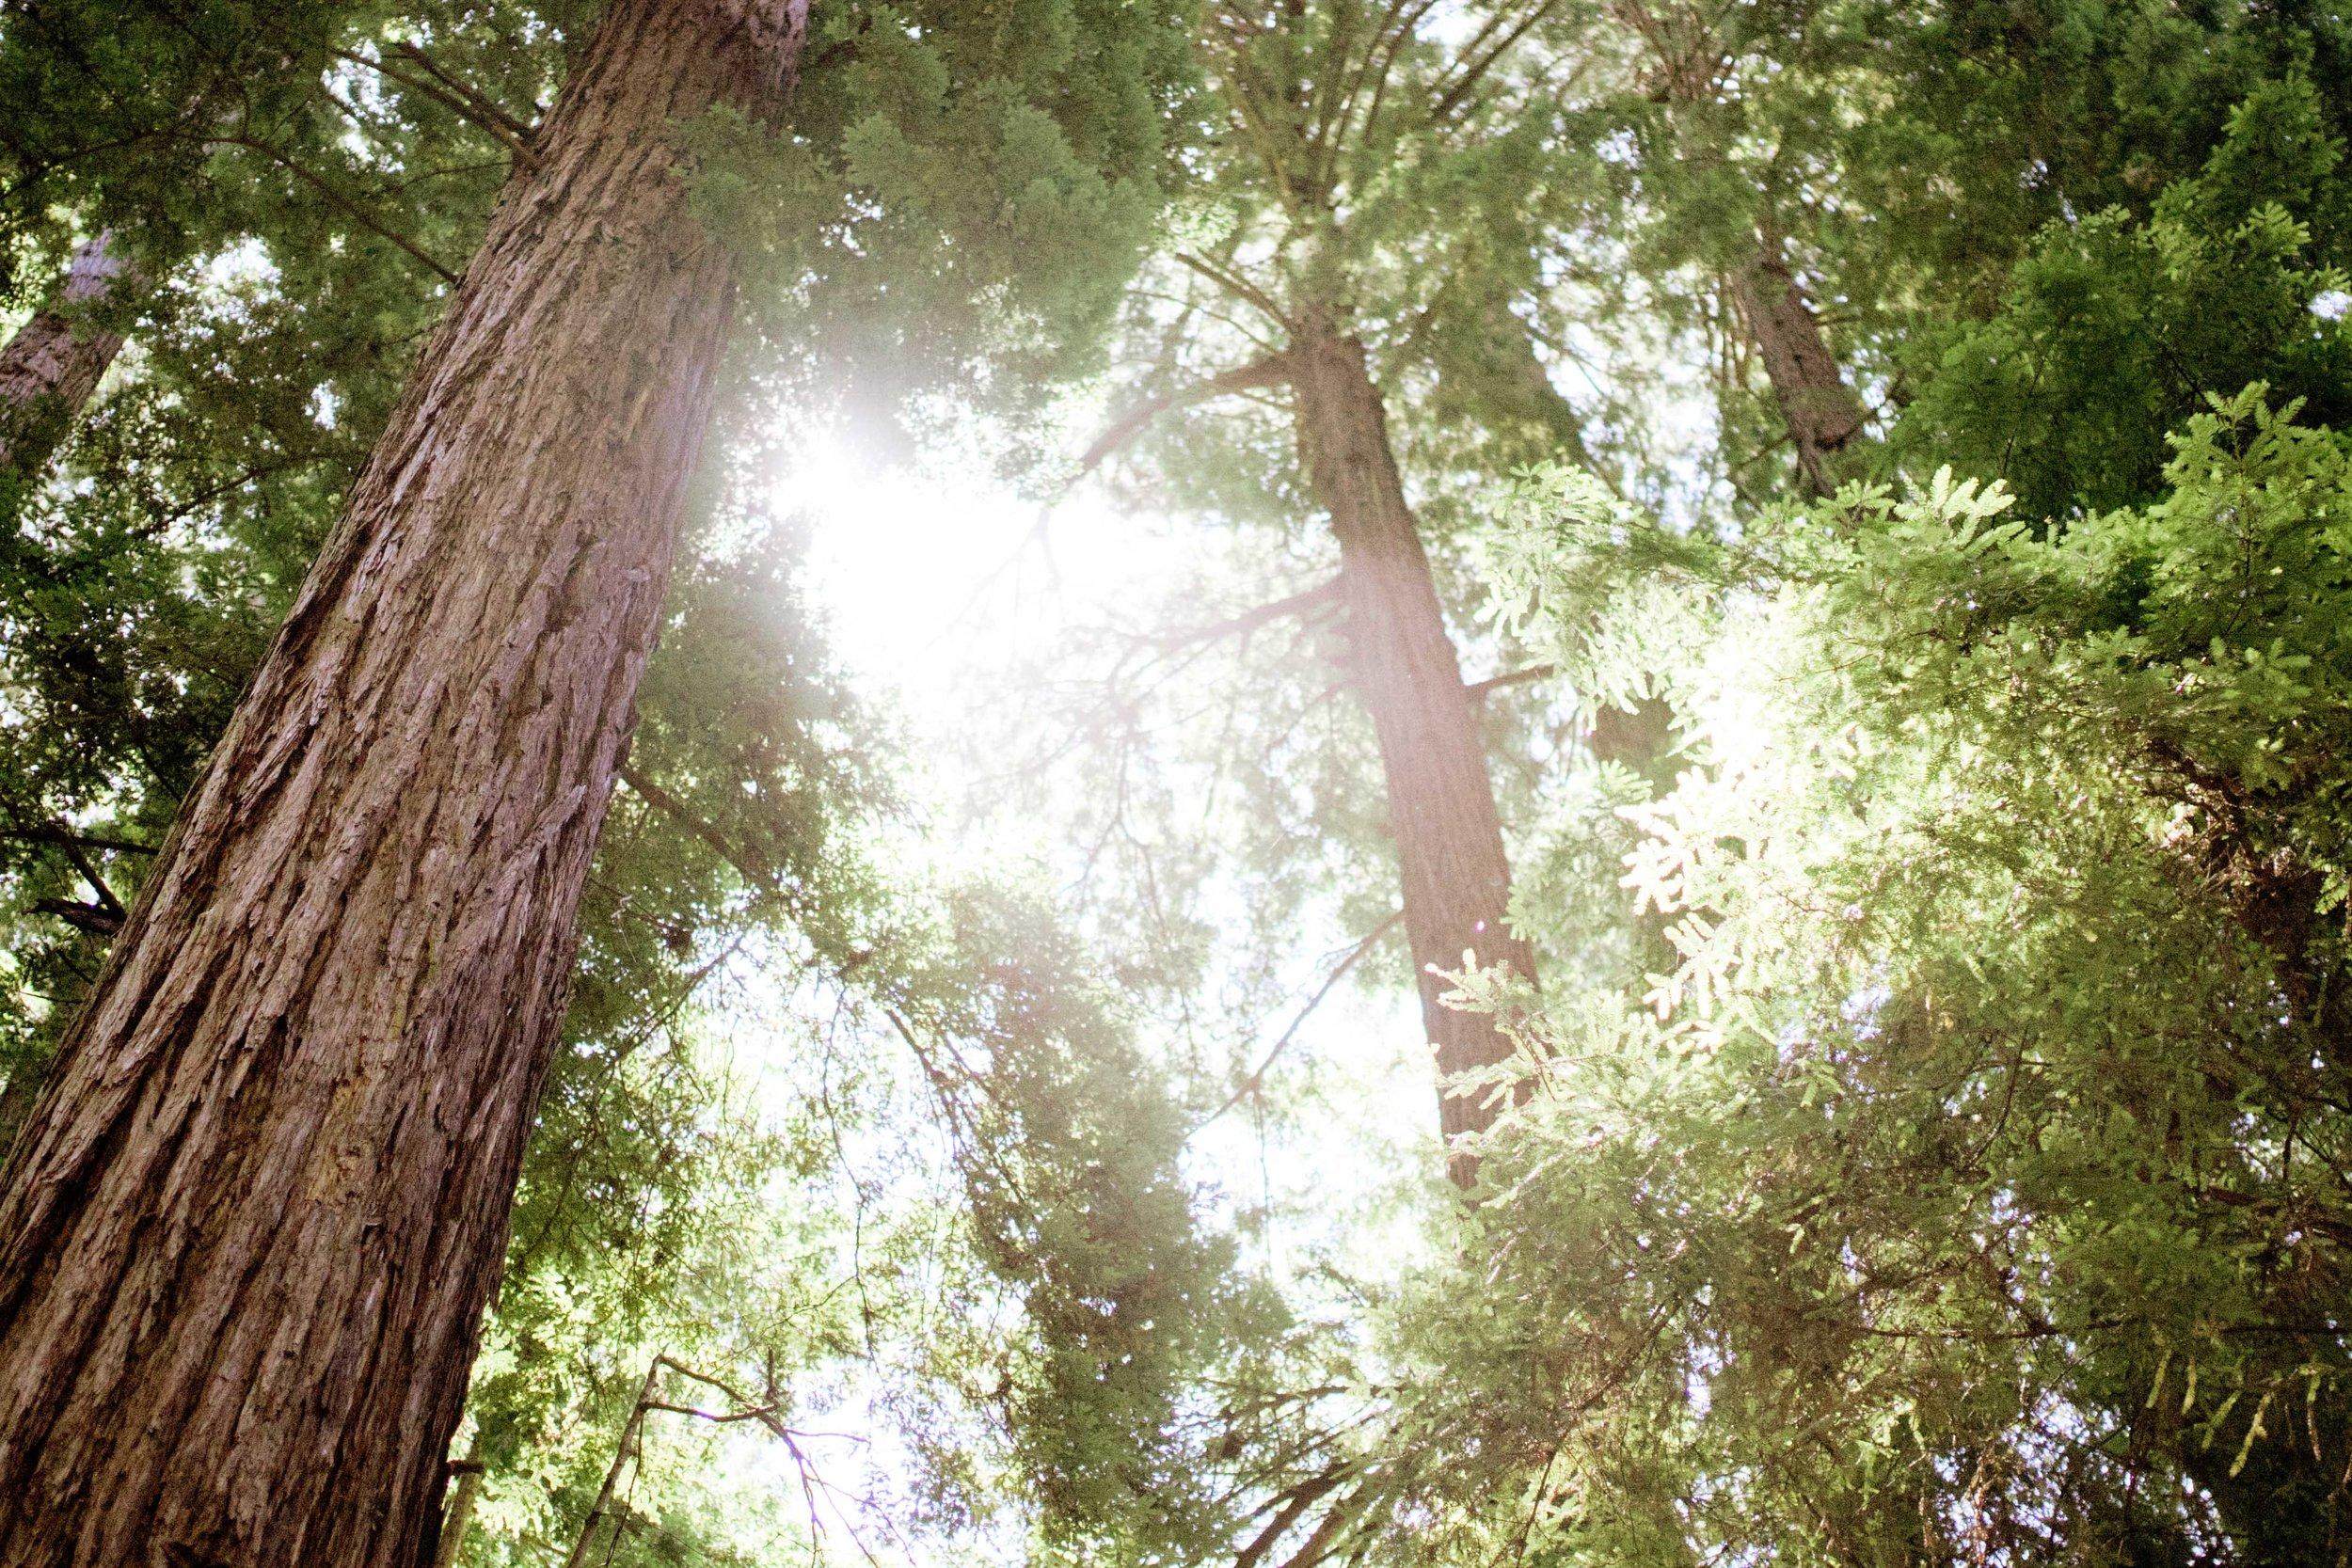 004_Krysten-Crebin-Muir-Woods-Elopement-Wedding-Photographer.jpg